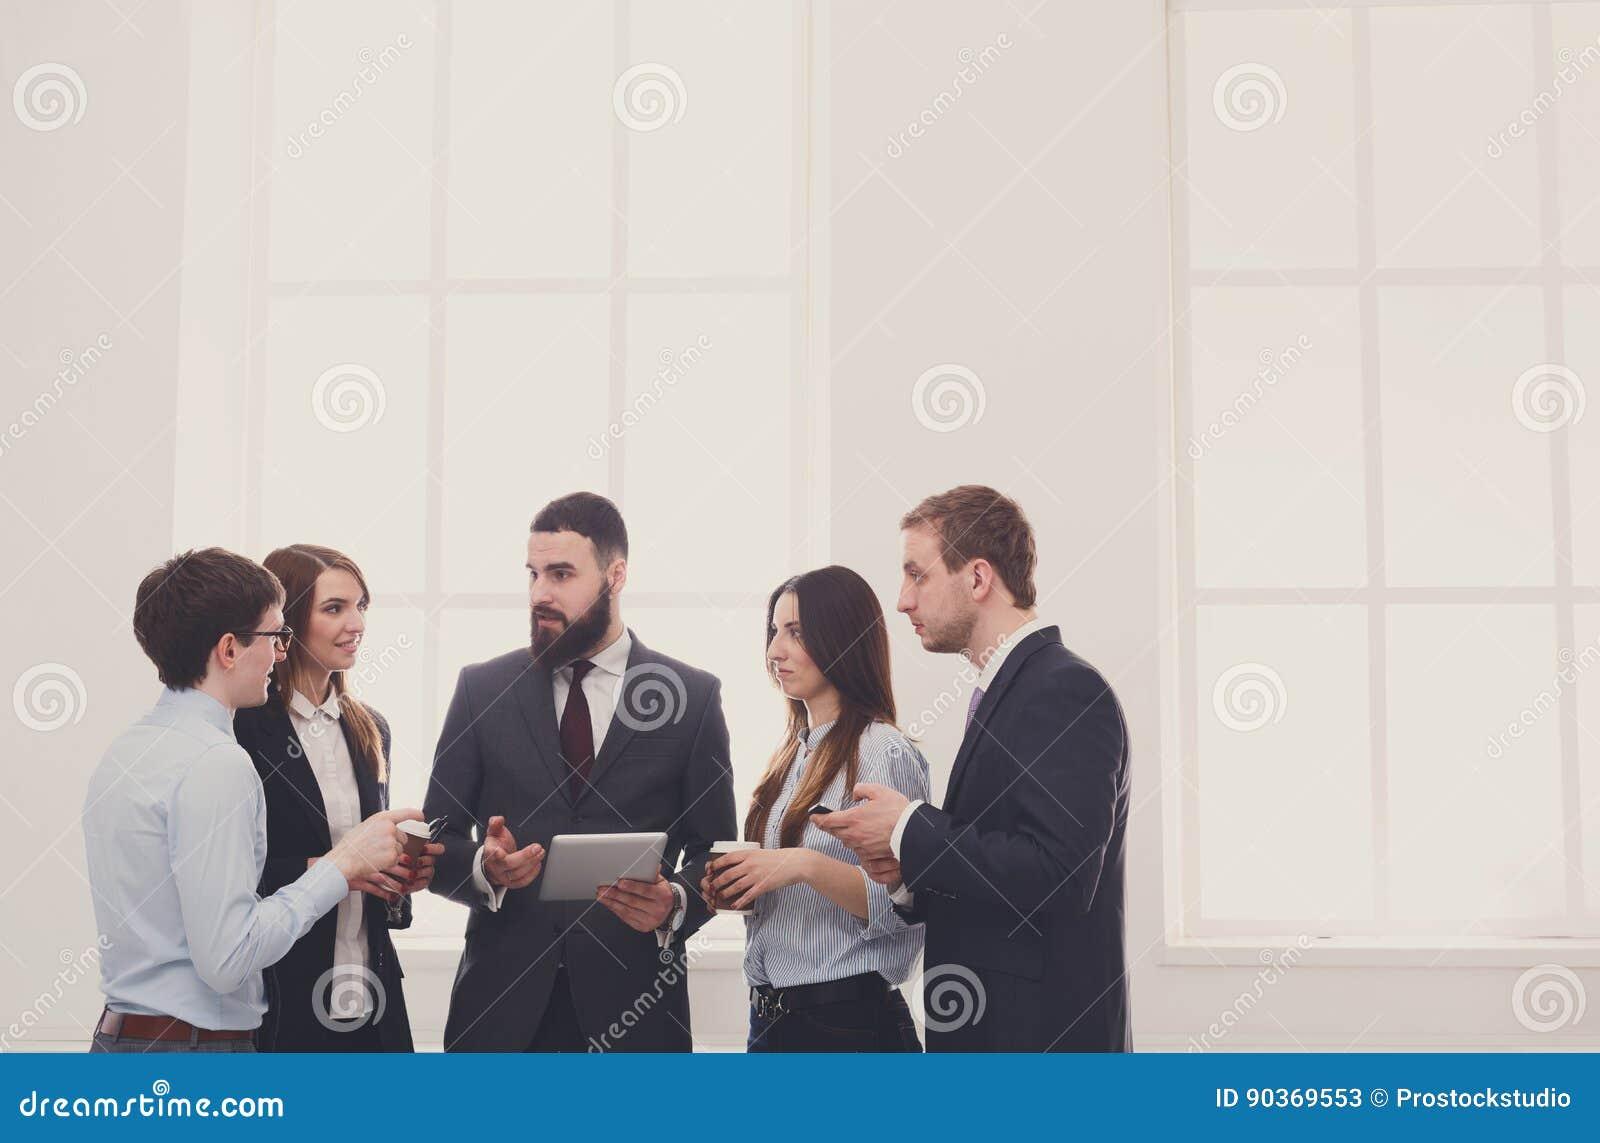 Företags möte i regeringsställning, affärsfolk med kopieringsutrymme